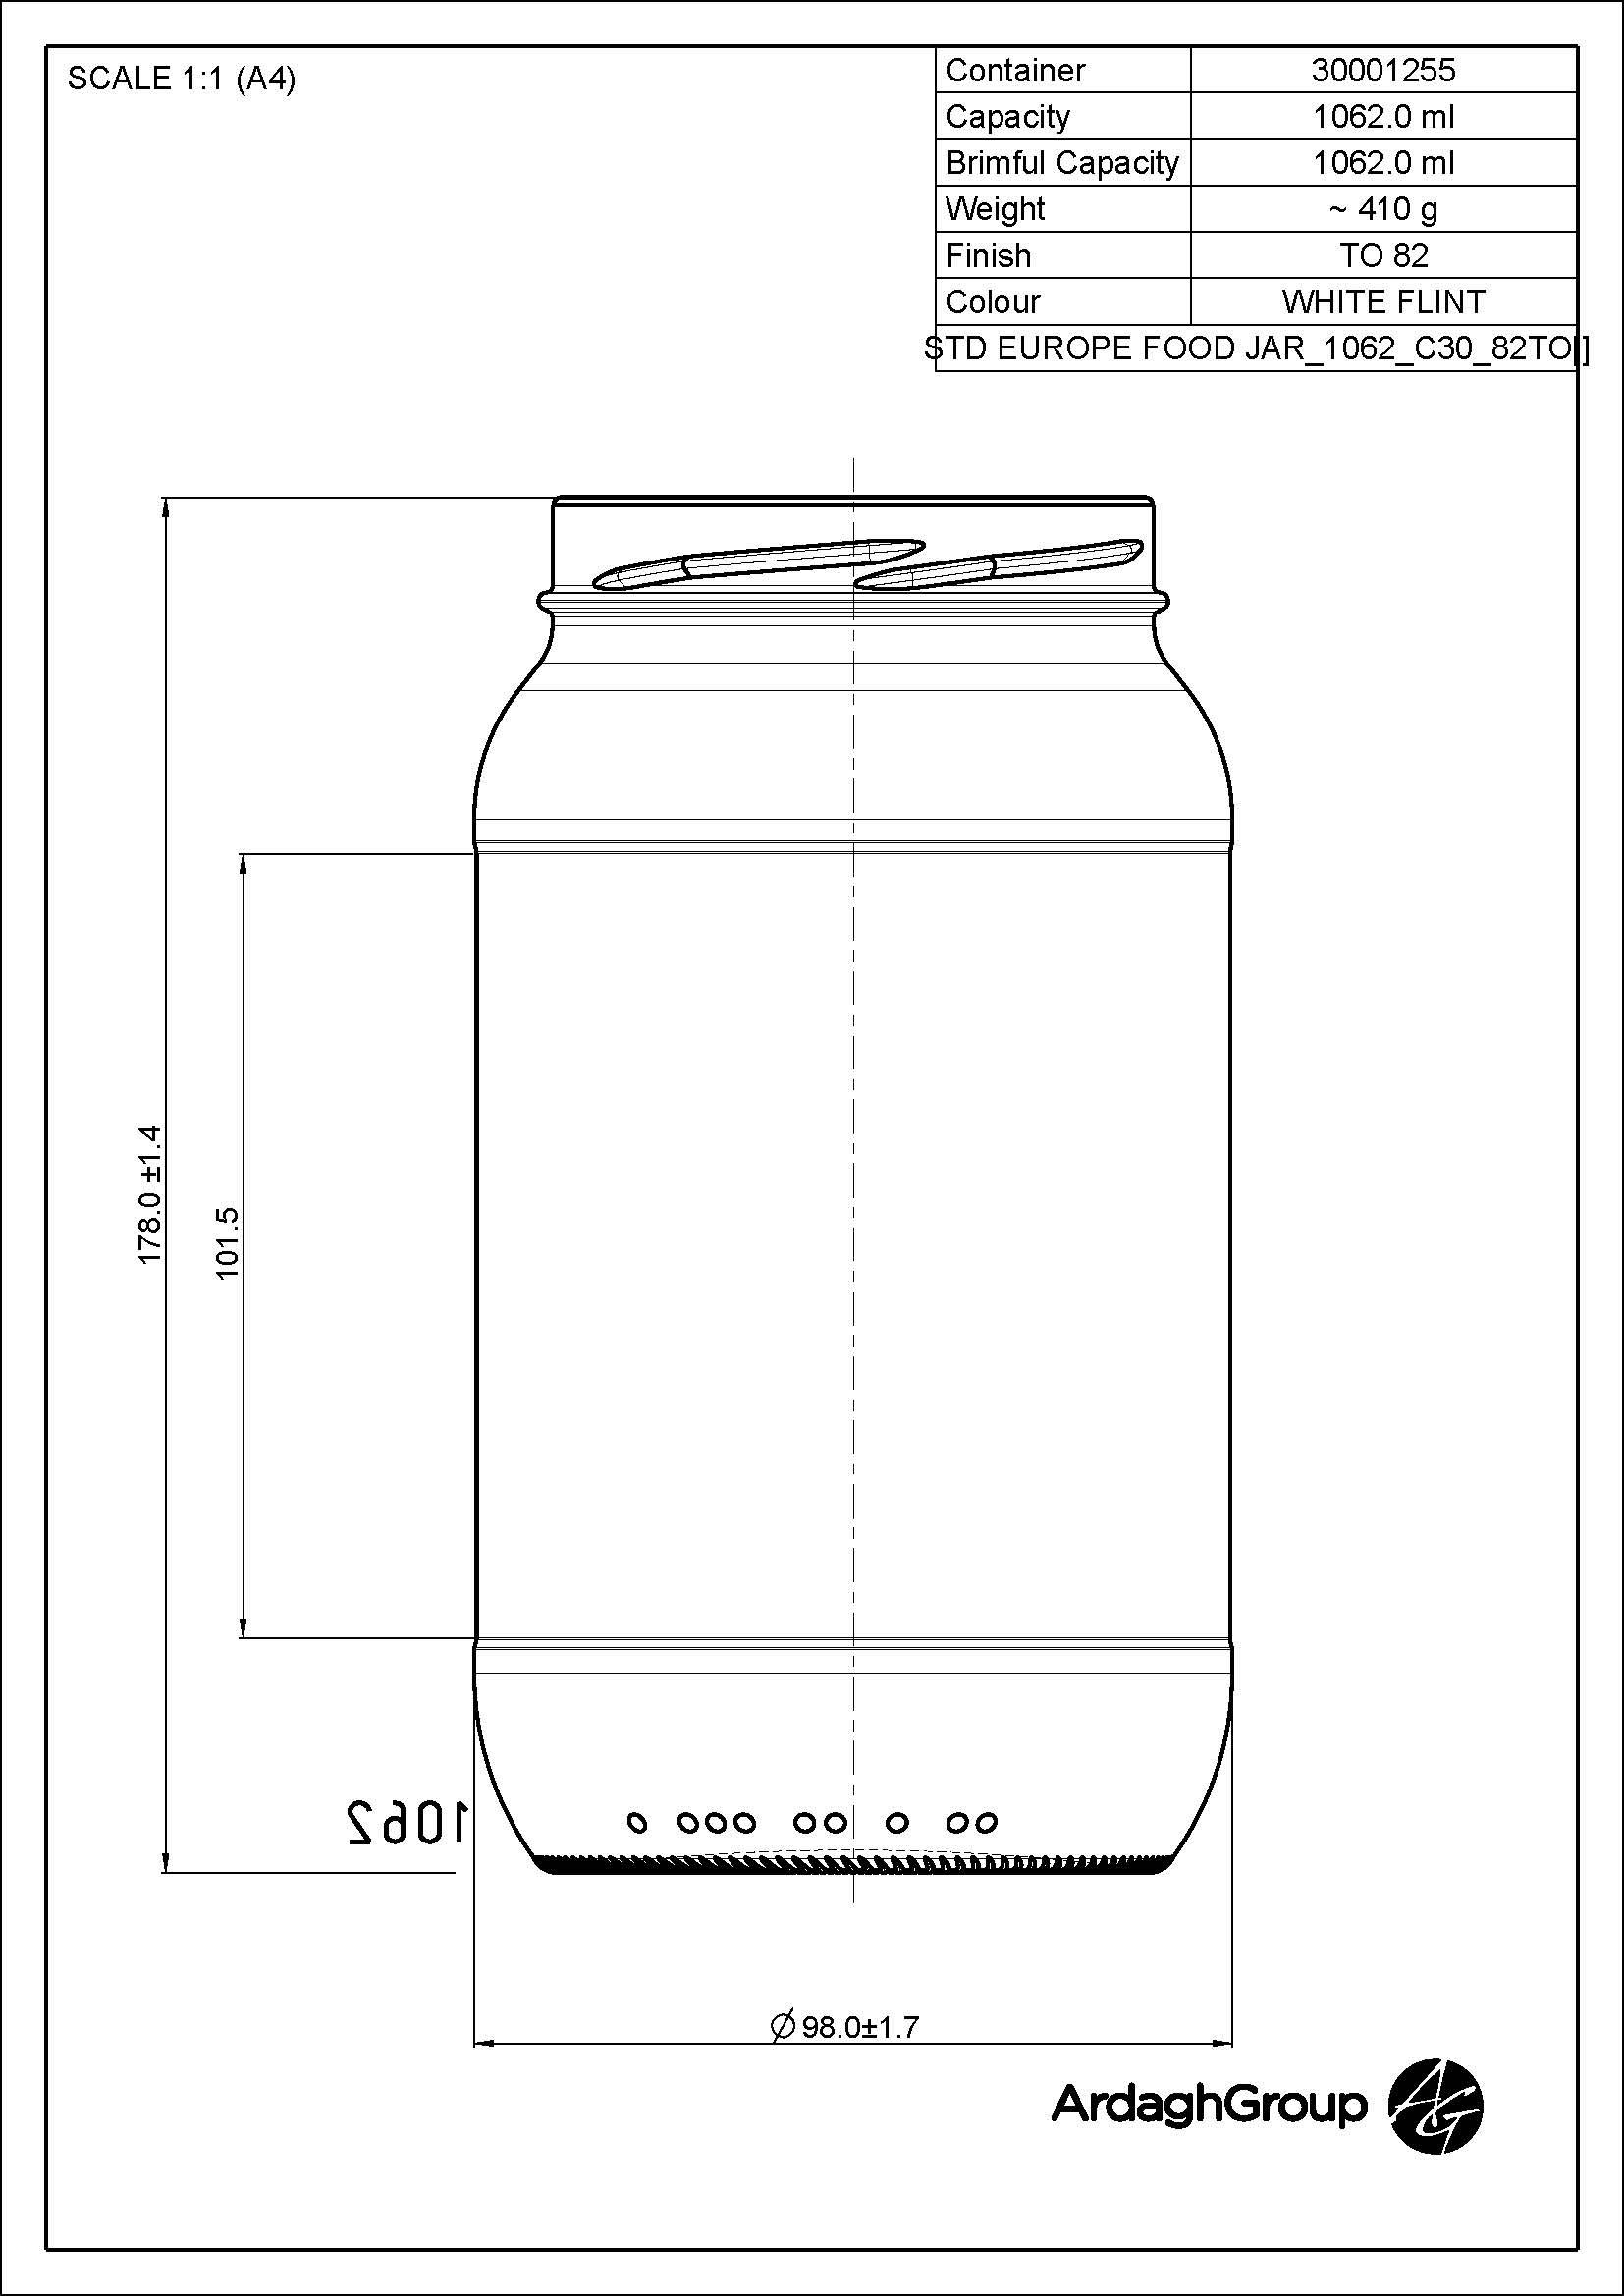 1062ml flint glass Europe food jar